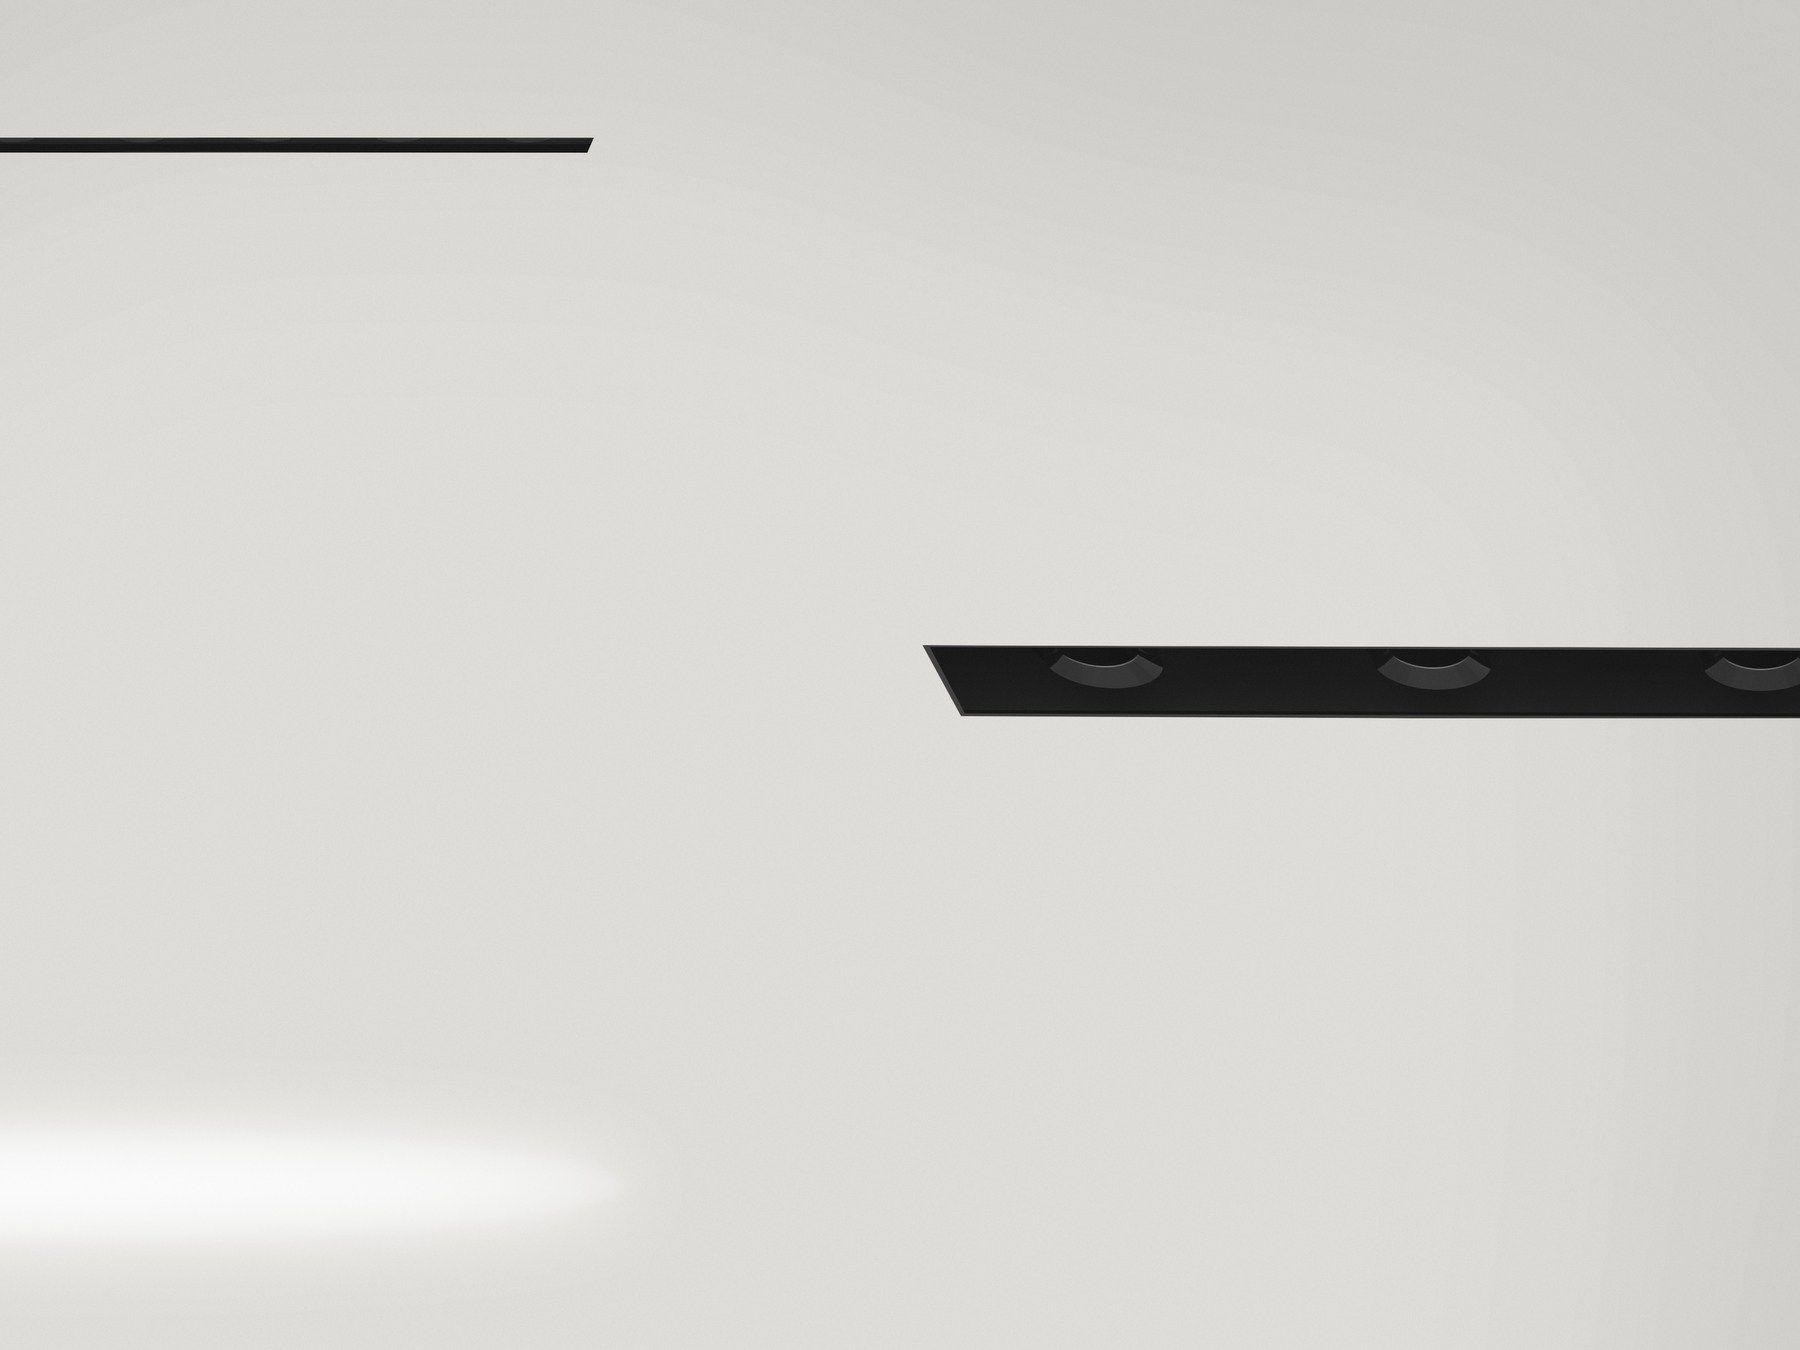 3392492c370a1032024fadd330afcff6 Faszinierend Außenlampen Mit Bewegungsmelder Led Dekorationen